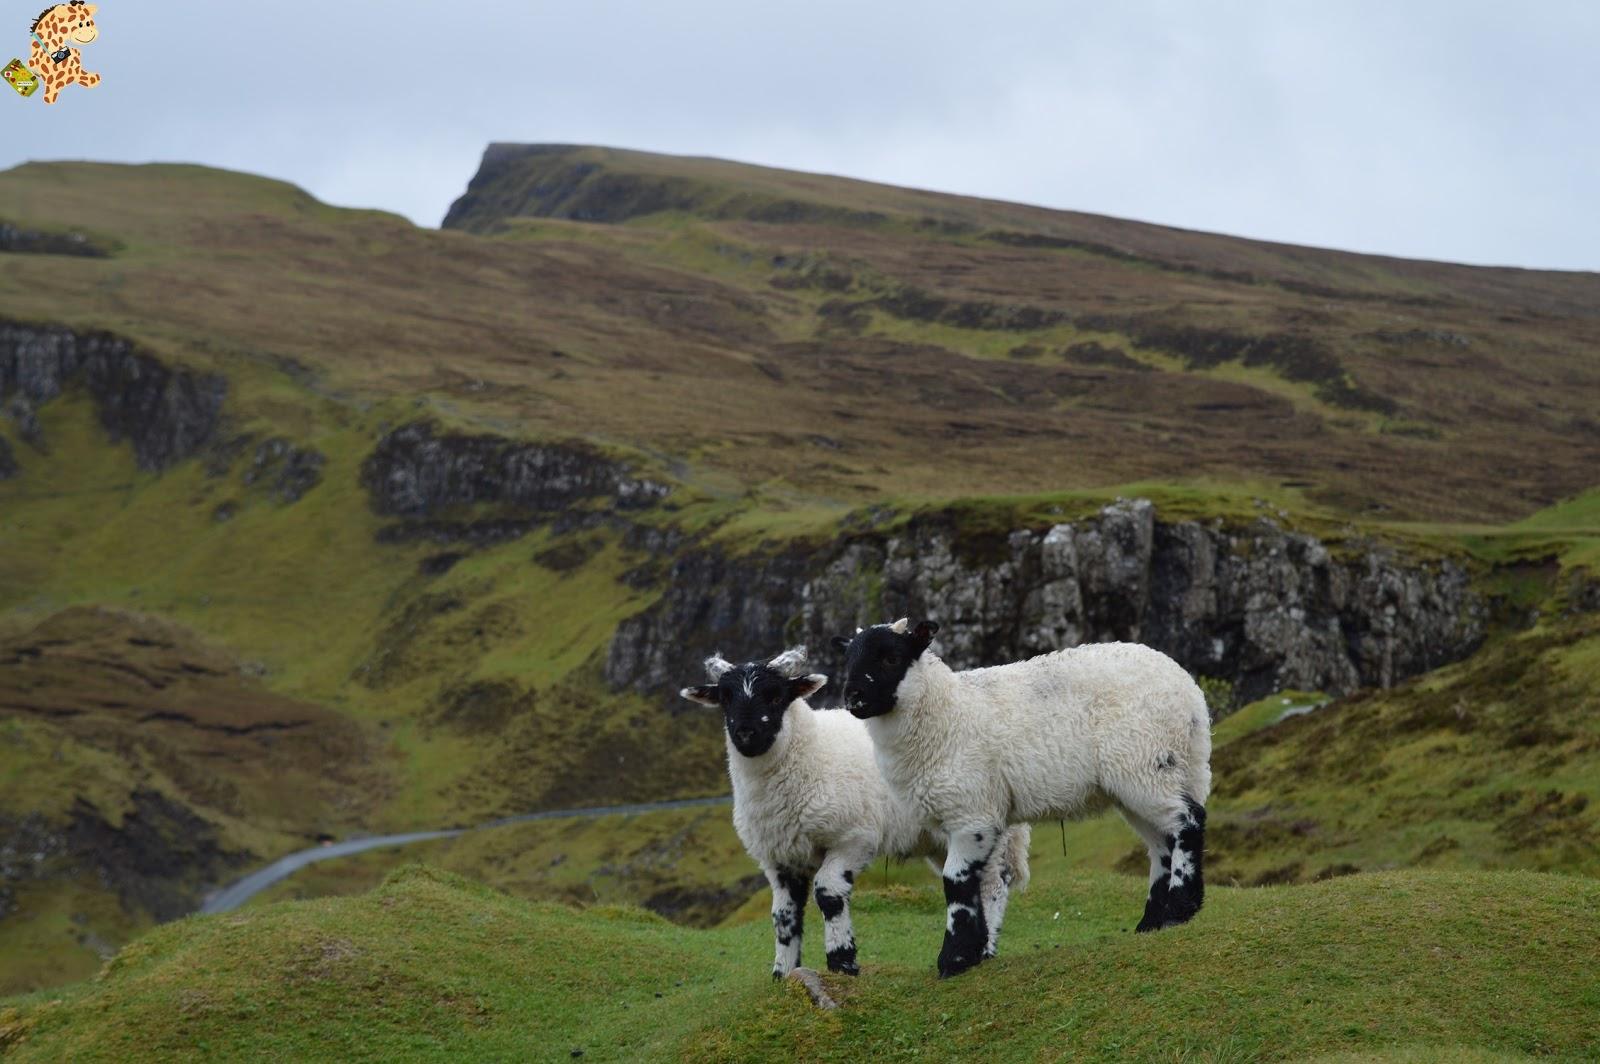 queverenskyeen2dias282829 - Isla de Skye en 2 días